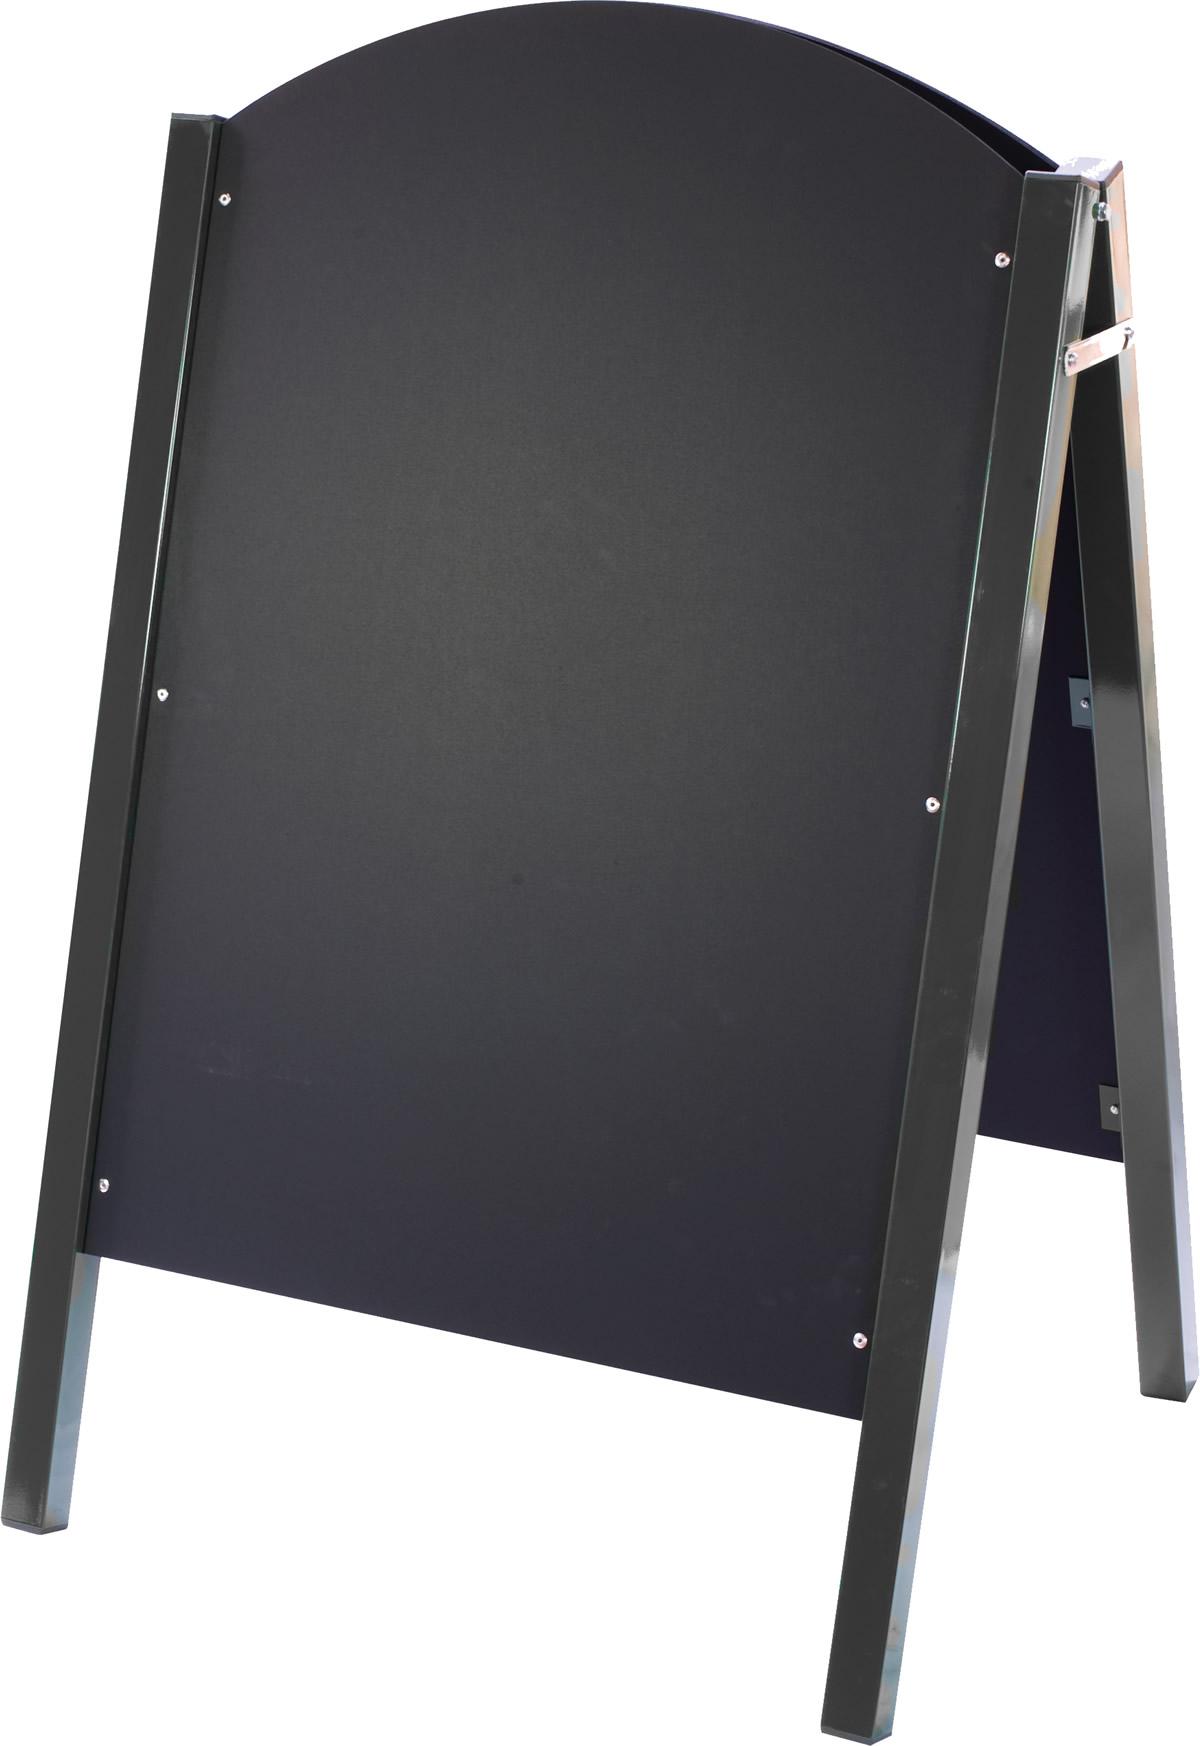 chalkboard a frames cafe zoom metal aframe chalkboard